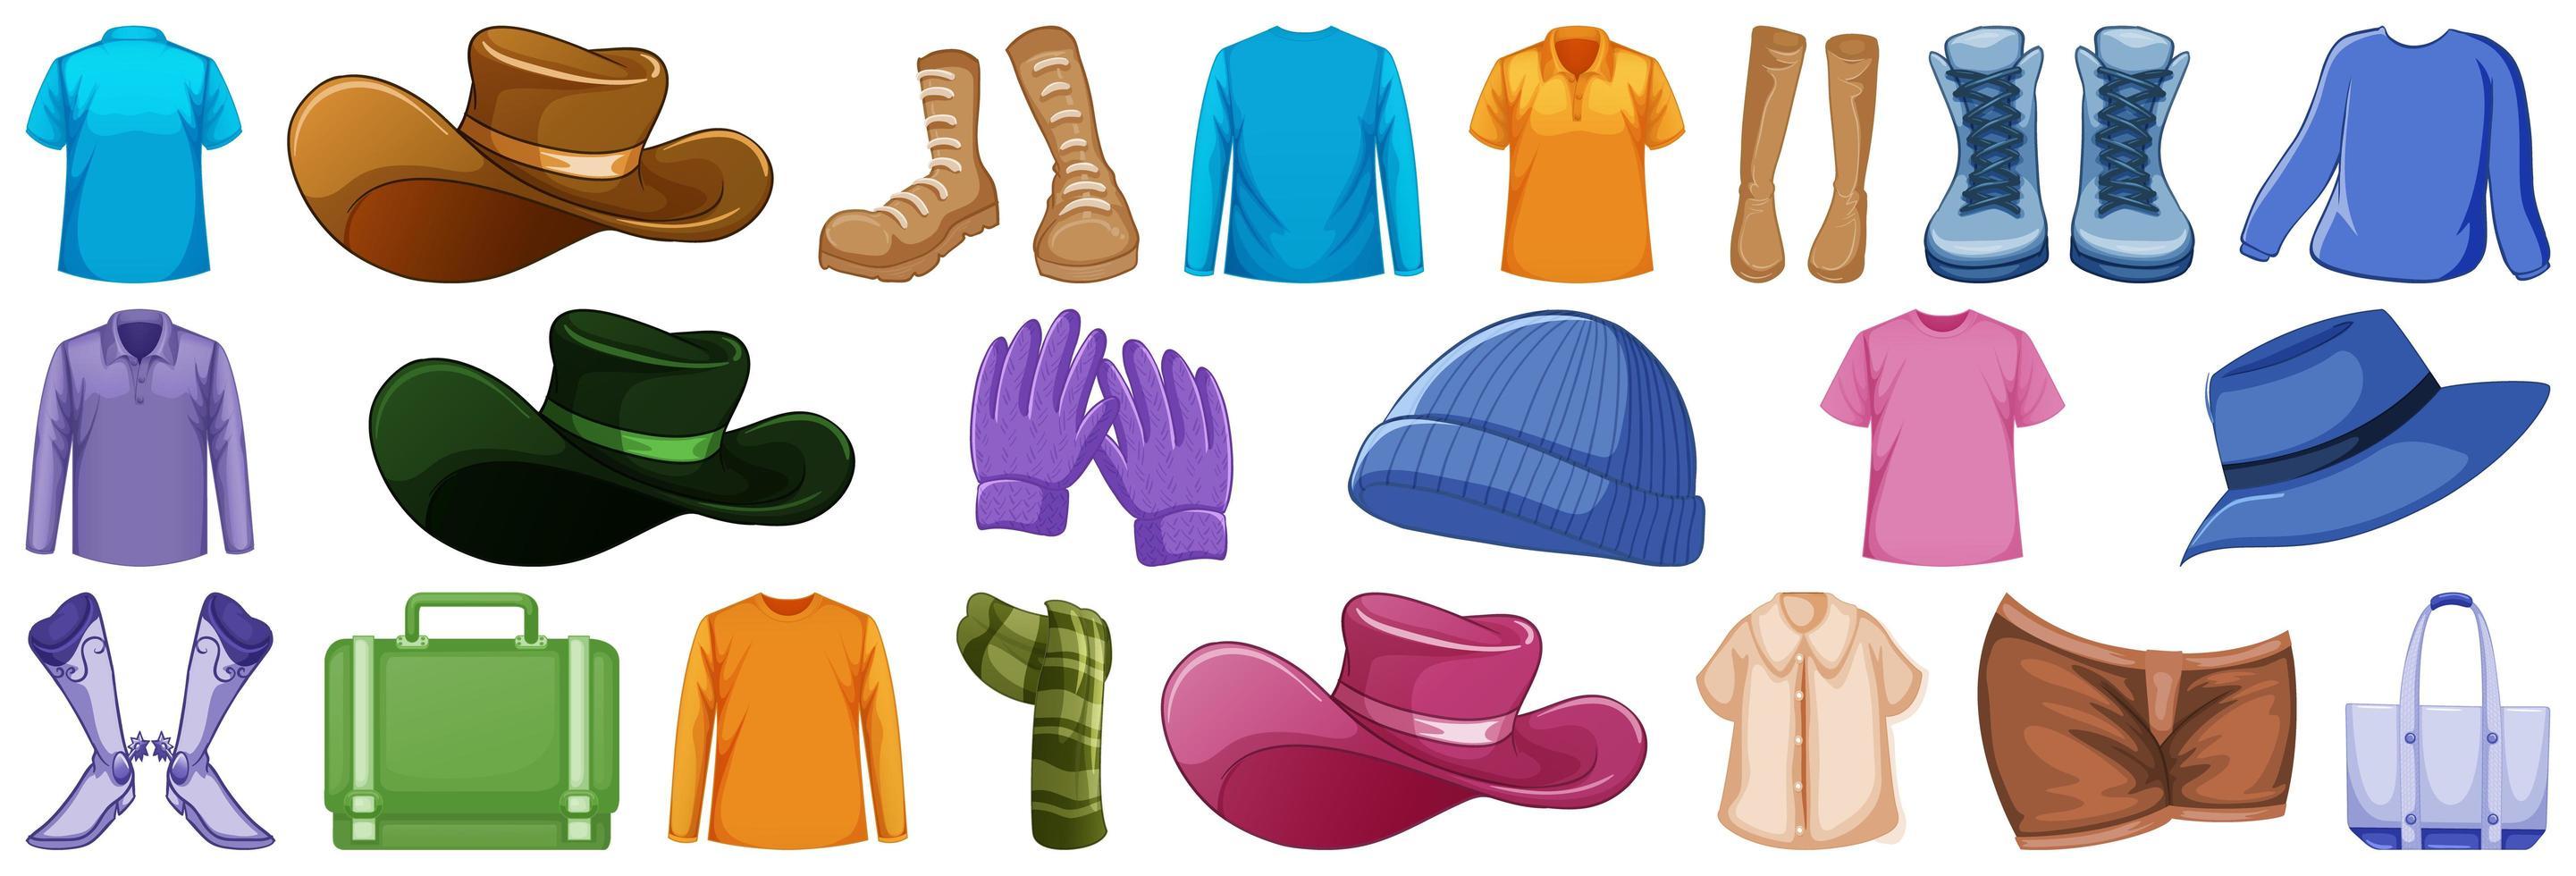 Set von Modeaccessoires und Kleidung vektor